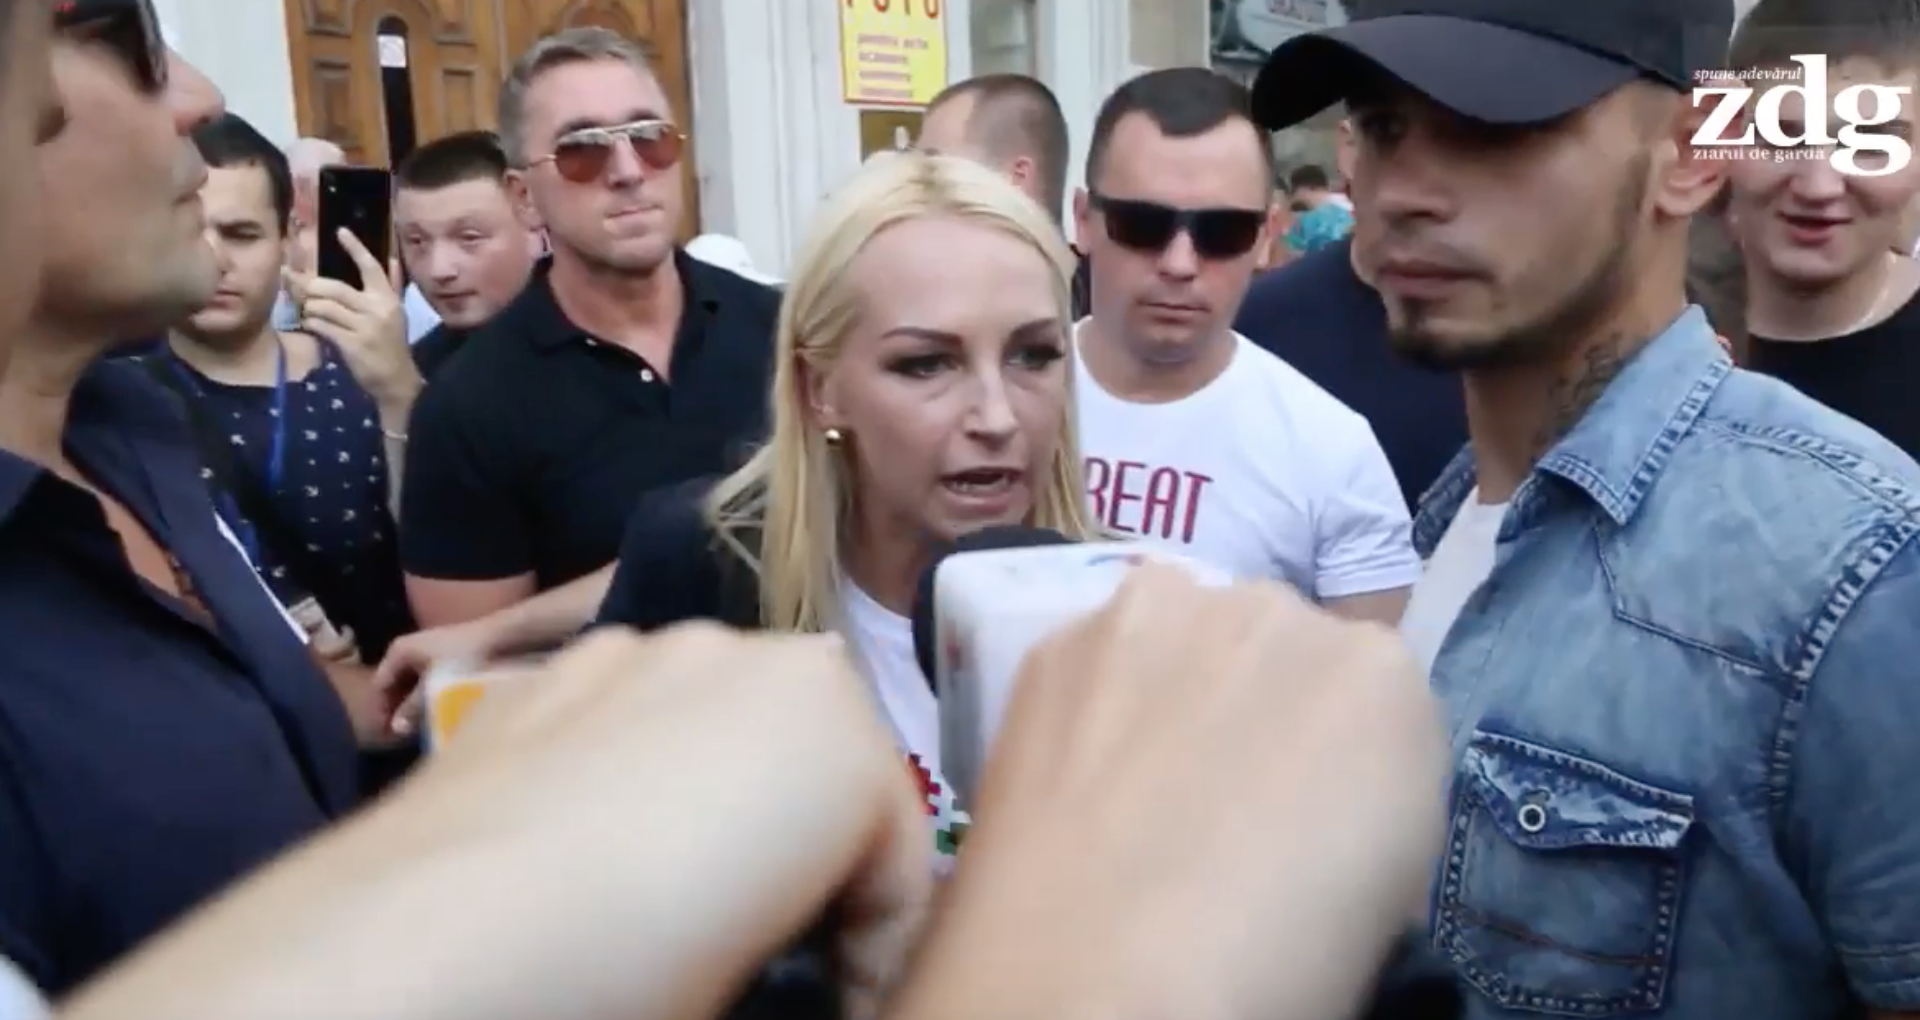 """VIDEO/ Marina Tauber, înconjurată de """"băieți de la partid"""", răspunde la întrebările jurnaliștilor: """"Ați înțeles?"""""""